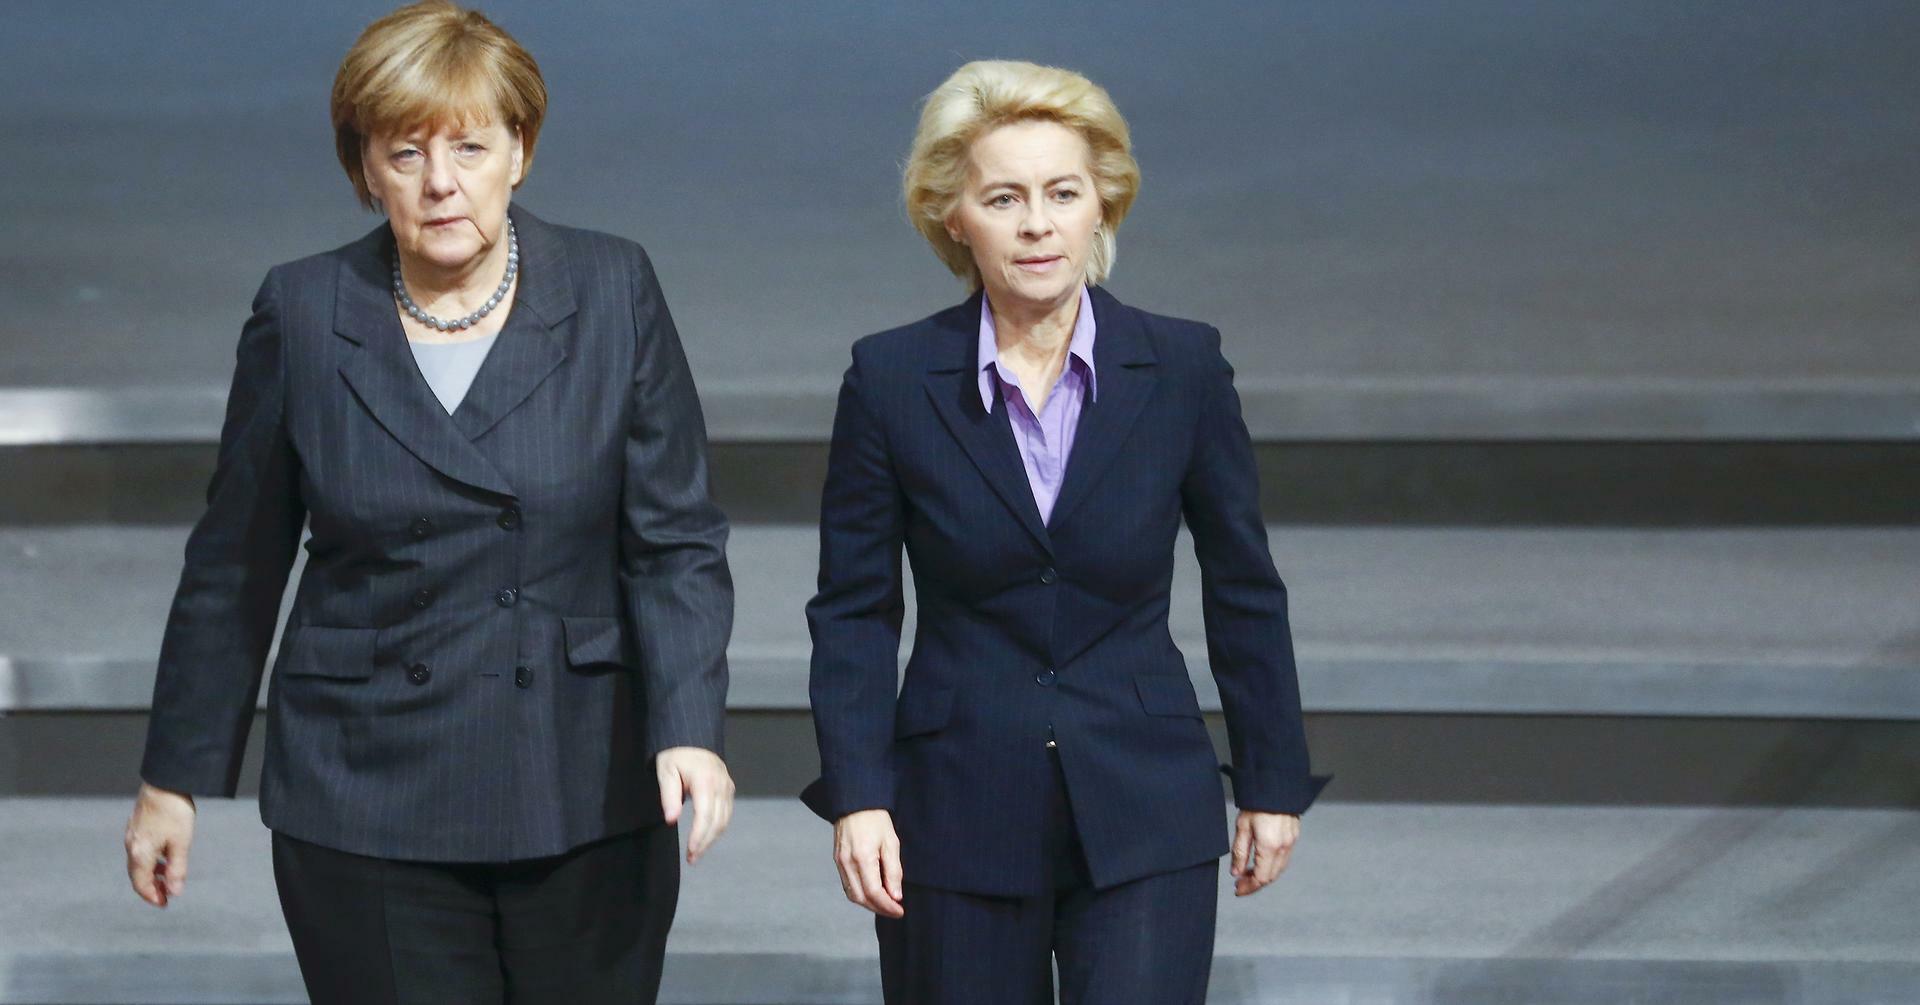 Bundeswehr-Affäre: Merkel verteidigt von der Leyens Vorgehen